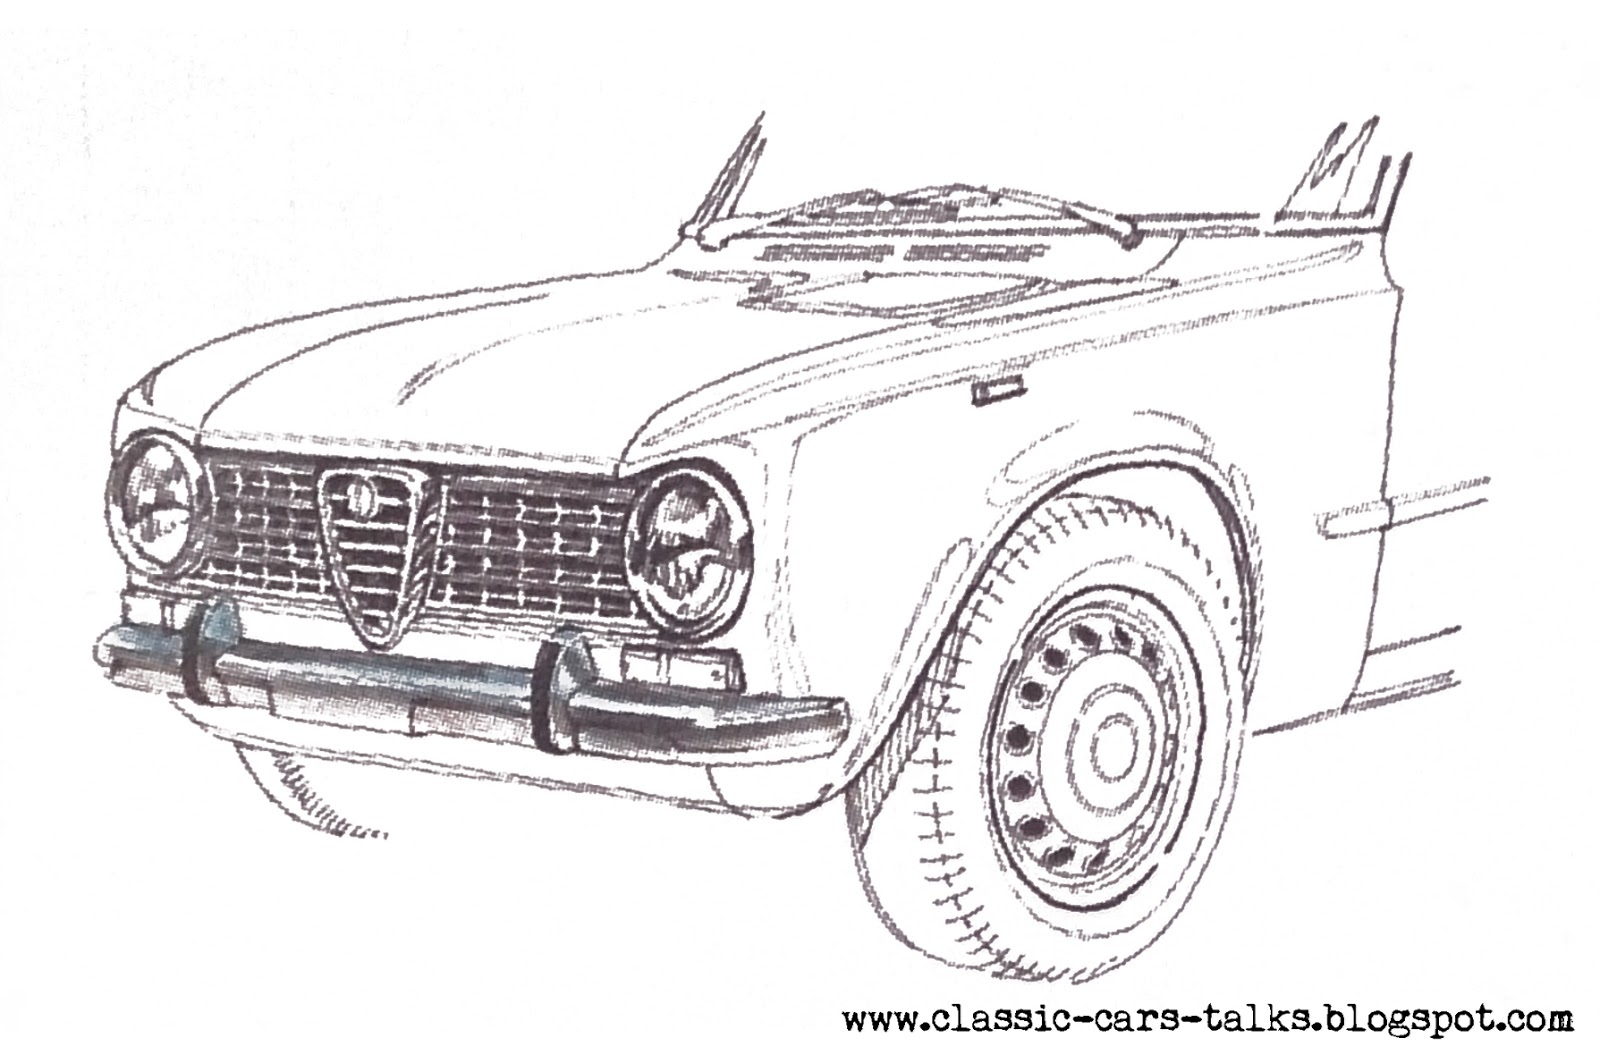 Classic Cars Talks: The Alfa Romeo Giulia timeline